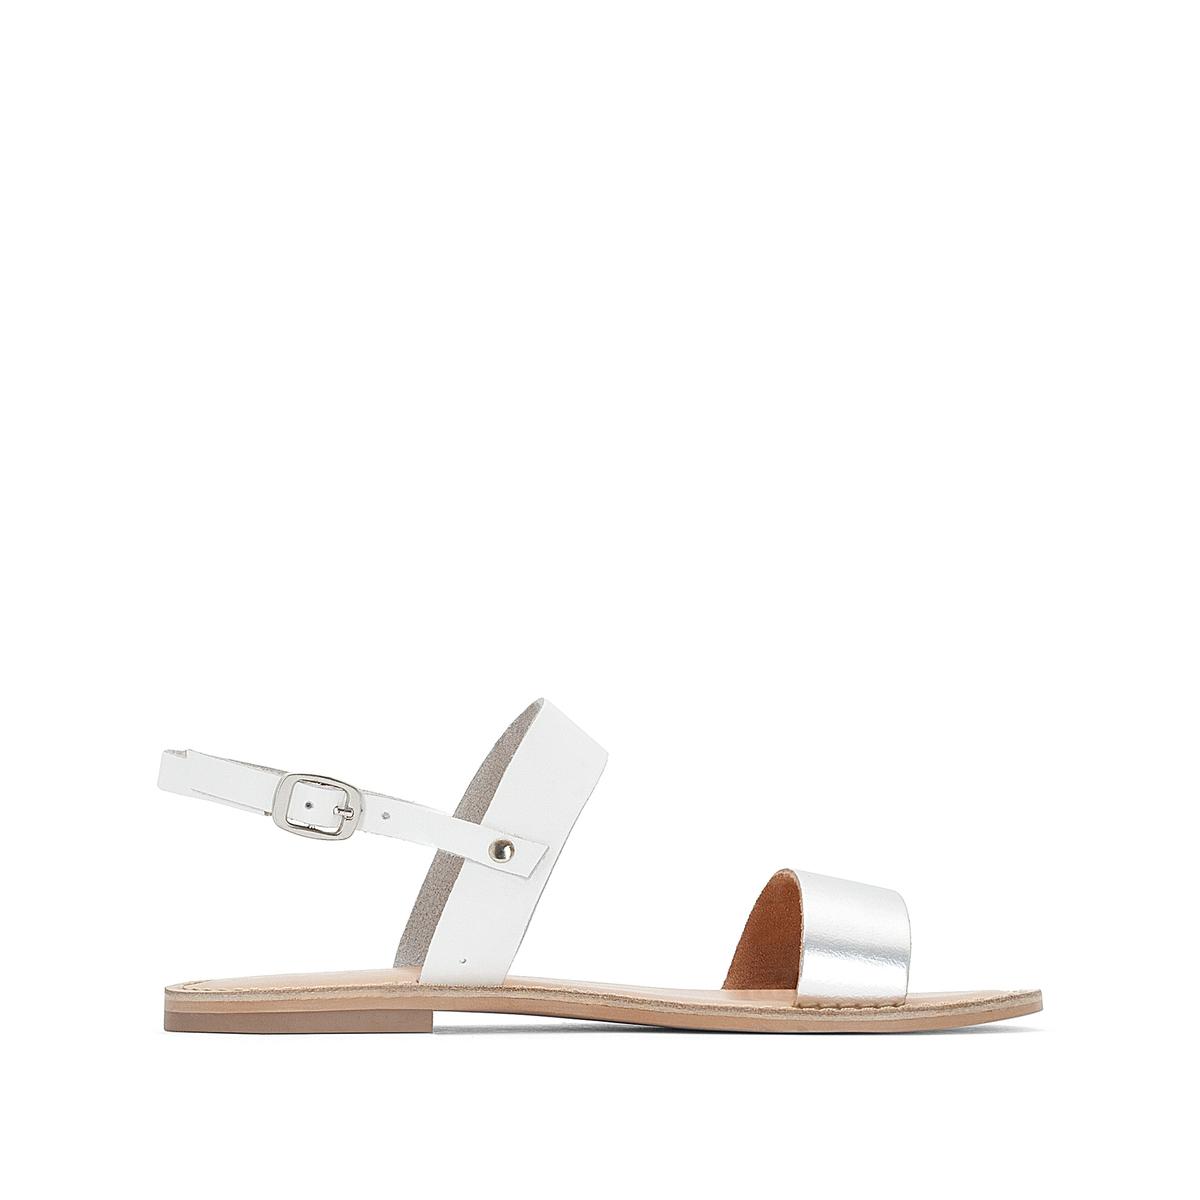 Sandálias em pele, fivela metalizada